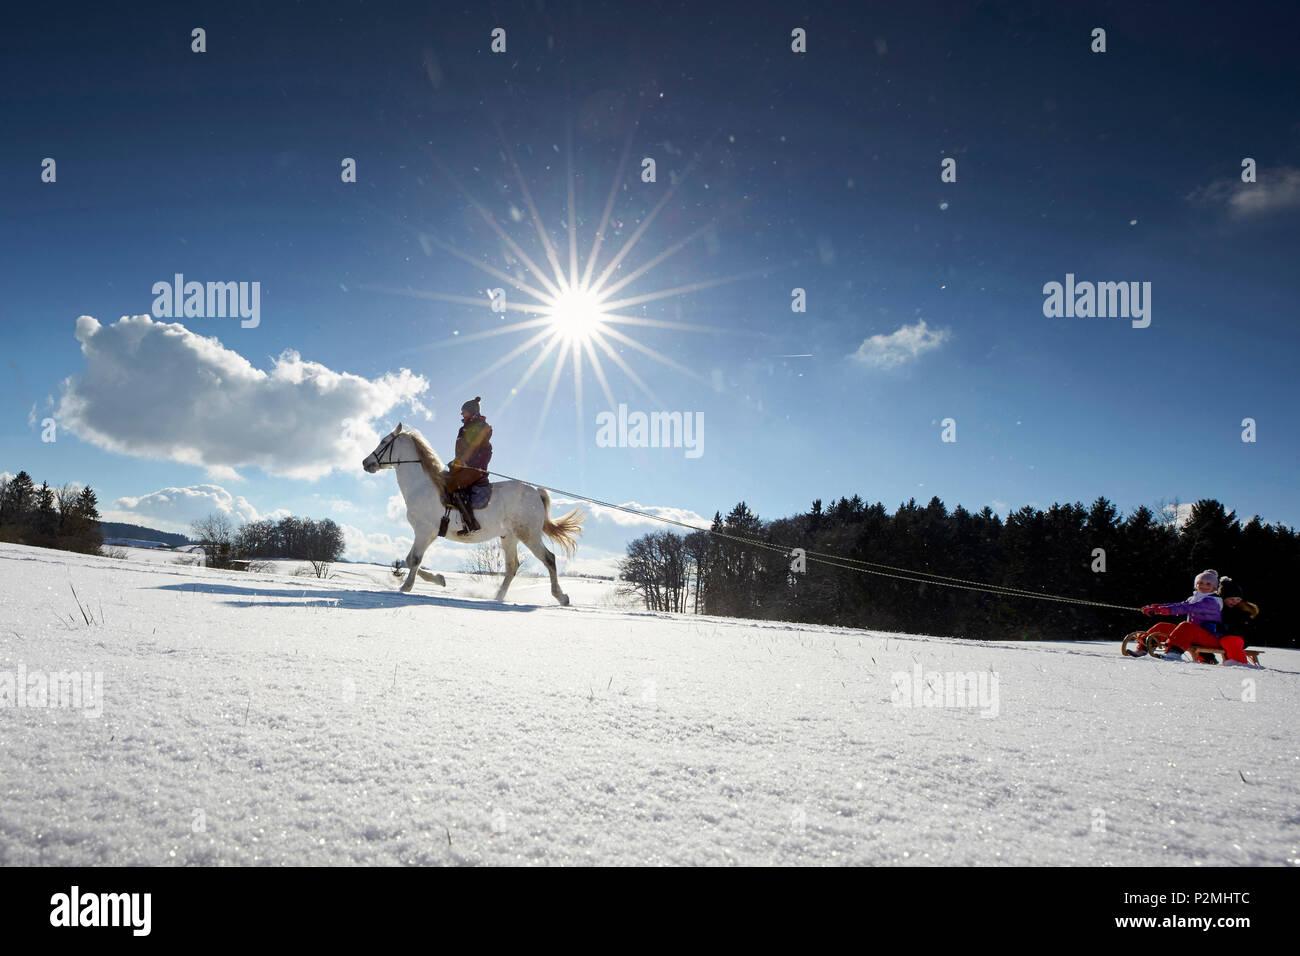 Mutter auf Pferd ziehen Kinder auf einem Schlitten, Buchensee, Muensing Bayern Deutschland Stockfoto